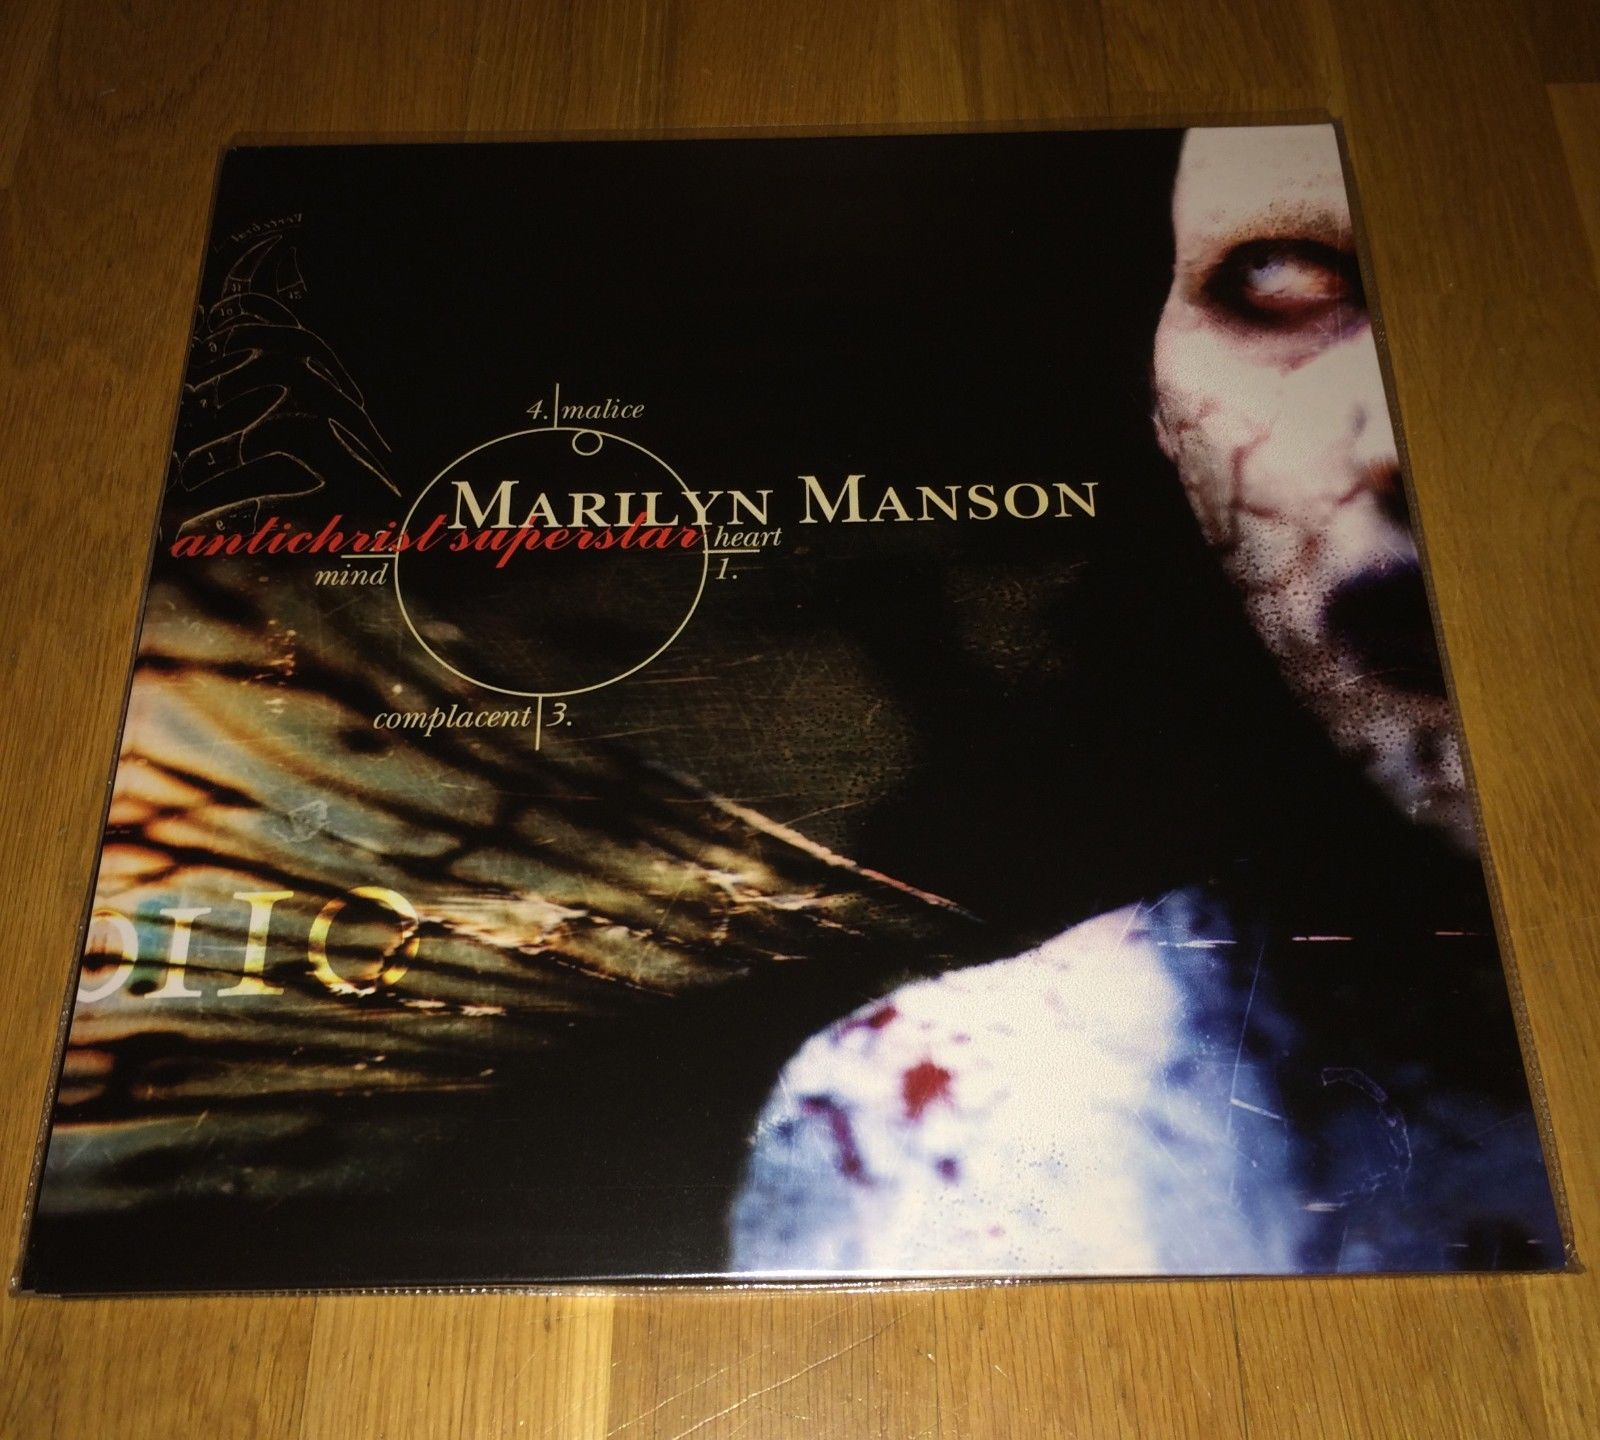 Marilyn Manson - Antichrist Superstar Vinyl OOP RARE